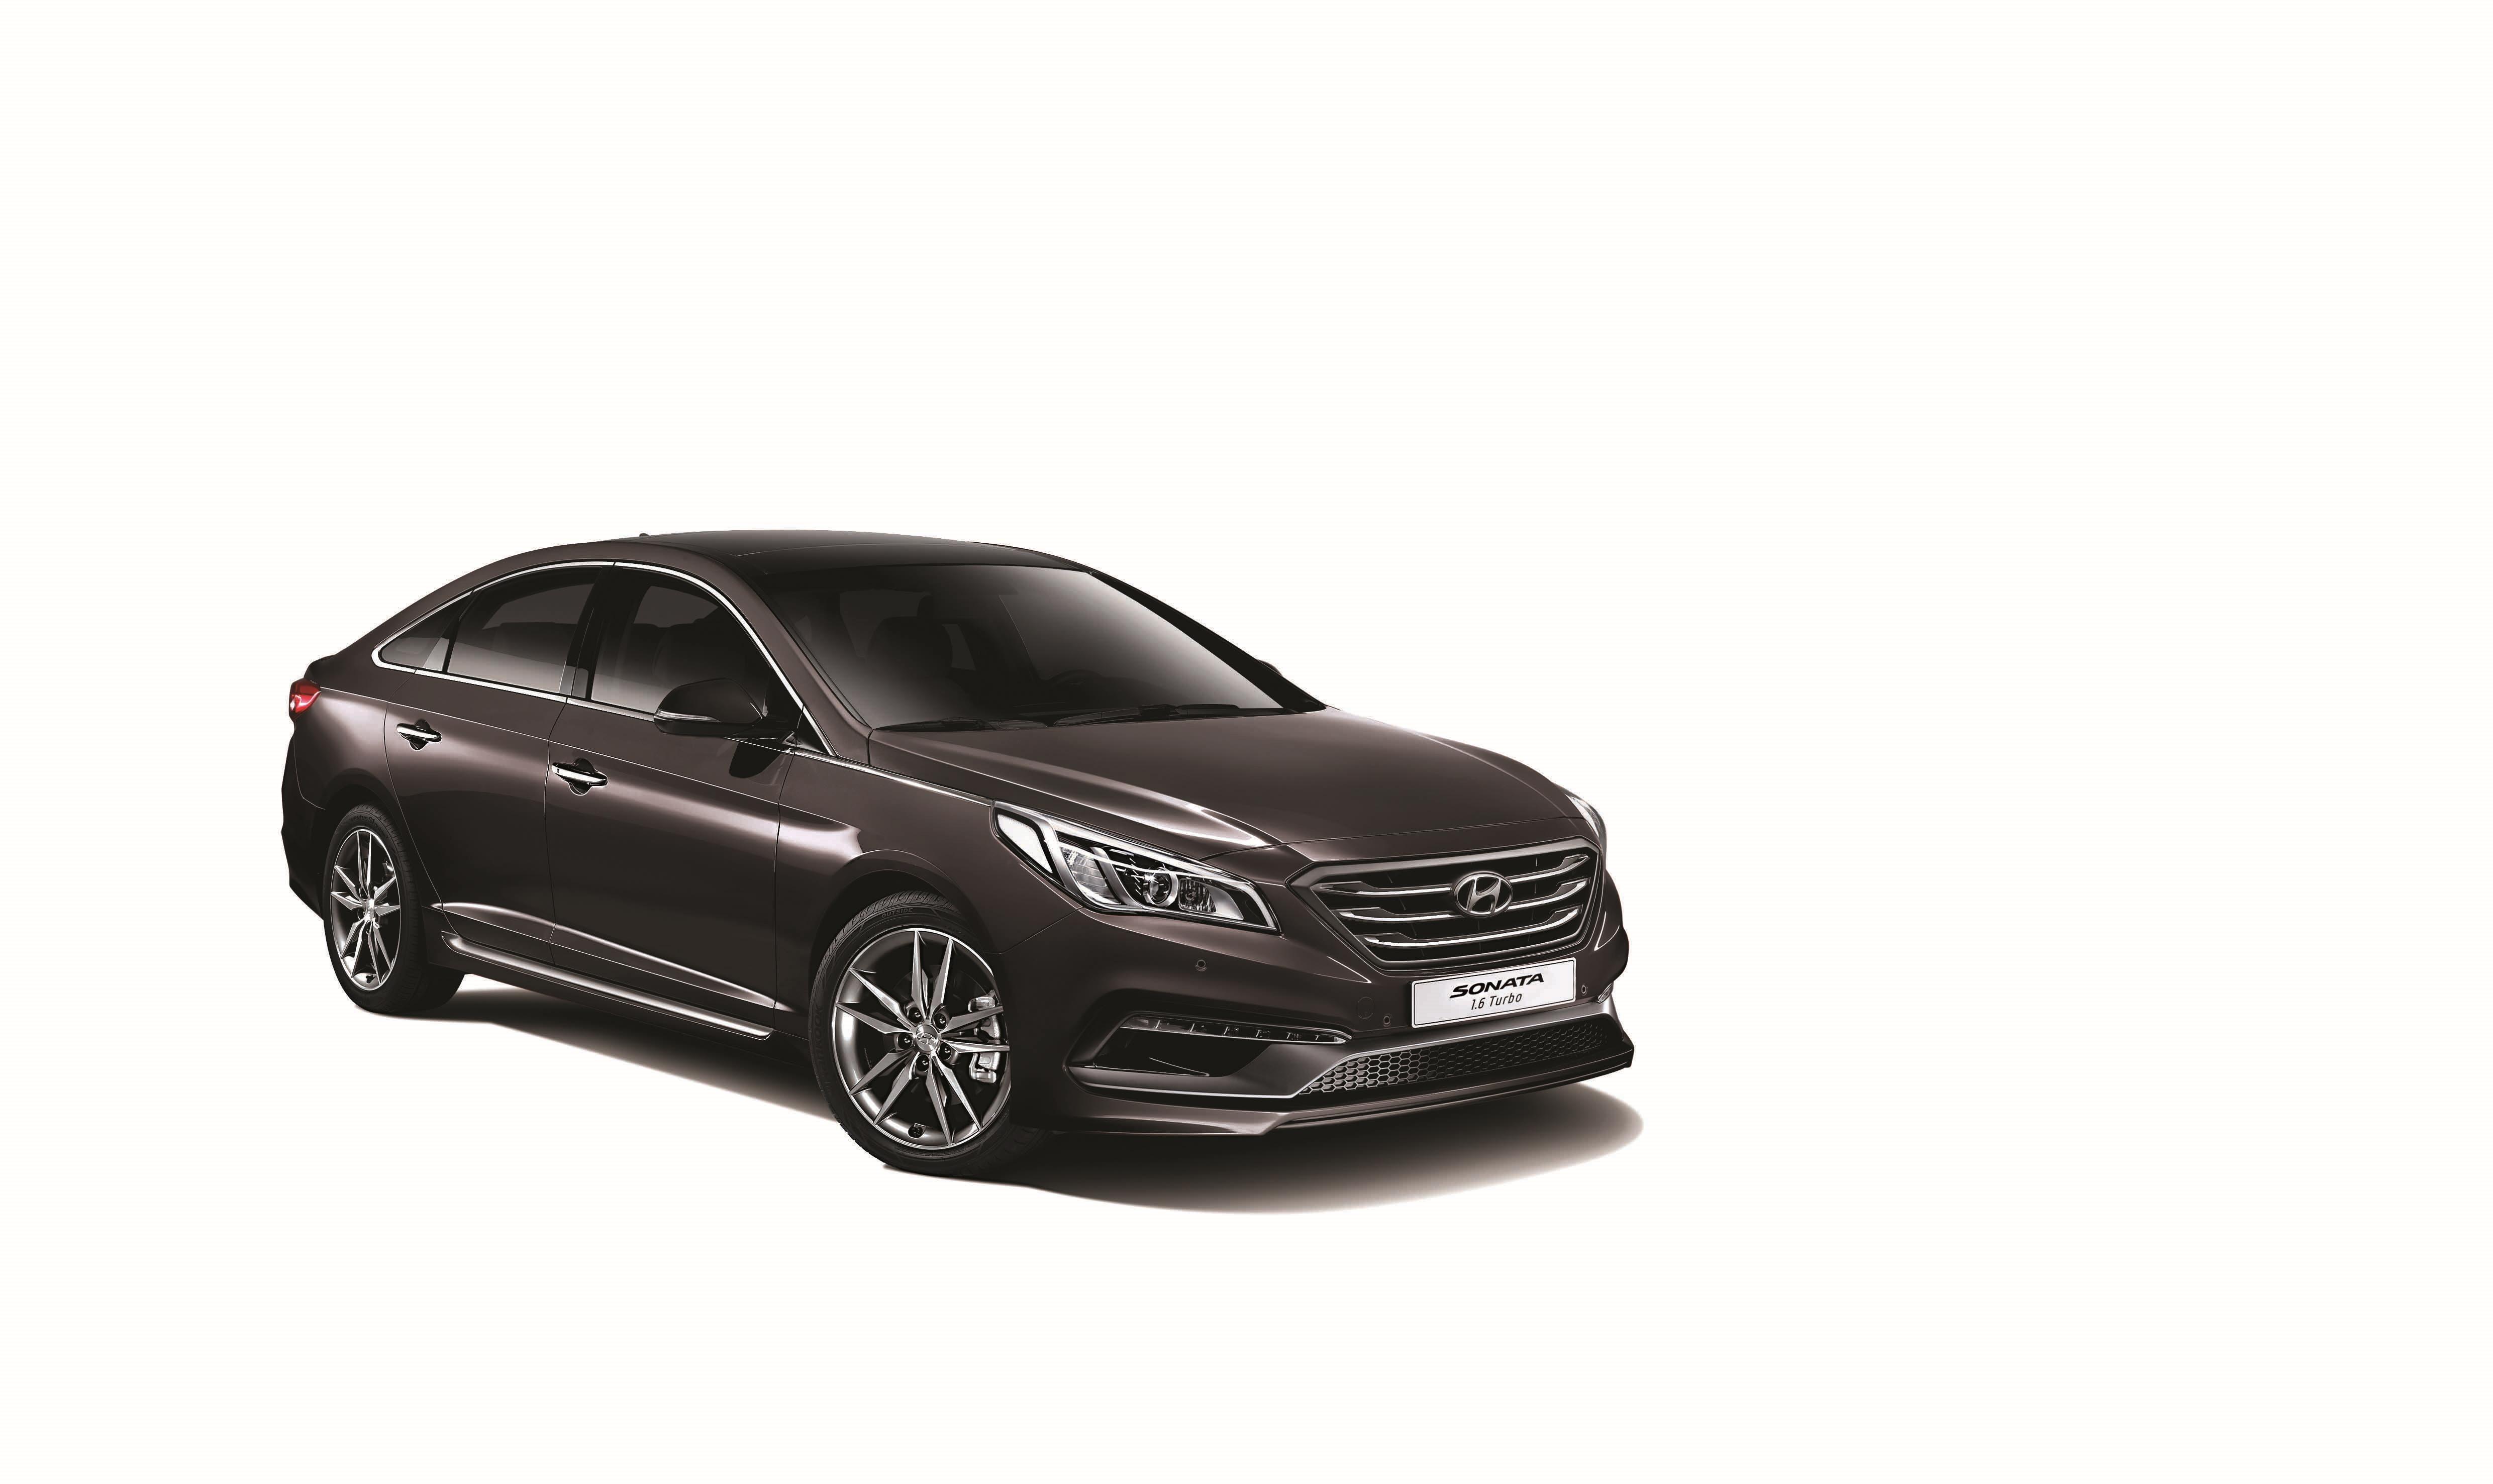 대한민국 대표 중형 세단 쏘나타가 여름철 맞춤형 차량으로 새롭게 태어난다. 현대차는 여름철 특화 선호 사양들을 쏘나타 1.6 터보 모델에 합리적인 가격으로 기본 적용한 '쏘나타 썸머 스페셜 에디션(Summer Special Edition)'을 출시하고 지난 1일부터 판매에 들어갔다고 밝혔다. '썸머 스페셜 에디션'은 7월부터 10월까지 3개월간 판매되는 한정 트림으로, 기존에는 상위 트림에서만 선택할 수 있었던 여름철 고객 최우선 선호 사양들을 하위 트림으로 확대 적용해 고객들의 만족도를 더욱 높인 것이 특징이다. 먼저 '앞좌석 통풍 시트'와 '듀얼 풀 오토 에어컨'을 기본 적용해 운전석 뿐만 아니라 동승석 고객까지 시원한 여름철을 보낼 수 있도록 했다. 또한 장마철과 같이 비가 많이 오는 경우에도 항상 시야를 확보할 수 있도록 자동으로 김 서림을 제거해주는 '오토 디포깅 시스템'과 이온을 발생시켜 차량 내부의 바이러스를 제거해주는 '클러스터 이오나이저'를 기본 탑재해 고객이 더욱 쾌적한 여름을 보낼 수 있도록 배려했다. 이외에도 ▲앞좌석 전동시트 ▲앞좌석 전동식 럼버써포트(허리지지대) ▲앞면 자외선 차단 유리 ▲스마트 트렁크 시스템 ▲버튼시동 스마트키 등 다양한 고급 편의사양을 함께 적용해 상품성을 더욱 높였다. 특히 현대차는 ▲HID 헤드램프 ▲열선 스티어링휠 ▲뒷좌석 열선시트 ▲뒷좌석 암레스트(스키쓰루 포함) 등 겨울철 선호 사양 위주로 구성된 '윈터 패키지'를 옵션으로 선택할 수 있도록 해 고객의 선택 폭을 넓혔다. 쏘나타 1.6 터보 모델의 가격은 ▲스타일 2,420만원 ▲썸머 스페셜 에디션 2,580만원 ▲스마트 2,690만원 ▲스마트 스페셜 2,872만원이다. 현대차는 대한민국 대표 중형 세단으로서 여름철 고객 선호 사양들을 기본 적용한 '쏘나타 썸머 스페셜 에디션'을 합리적인 가격에 선보임으로써 최고의 만족감을 누구나 누릴 수 있도록 했다고 밝혔다.